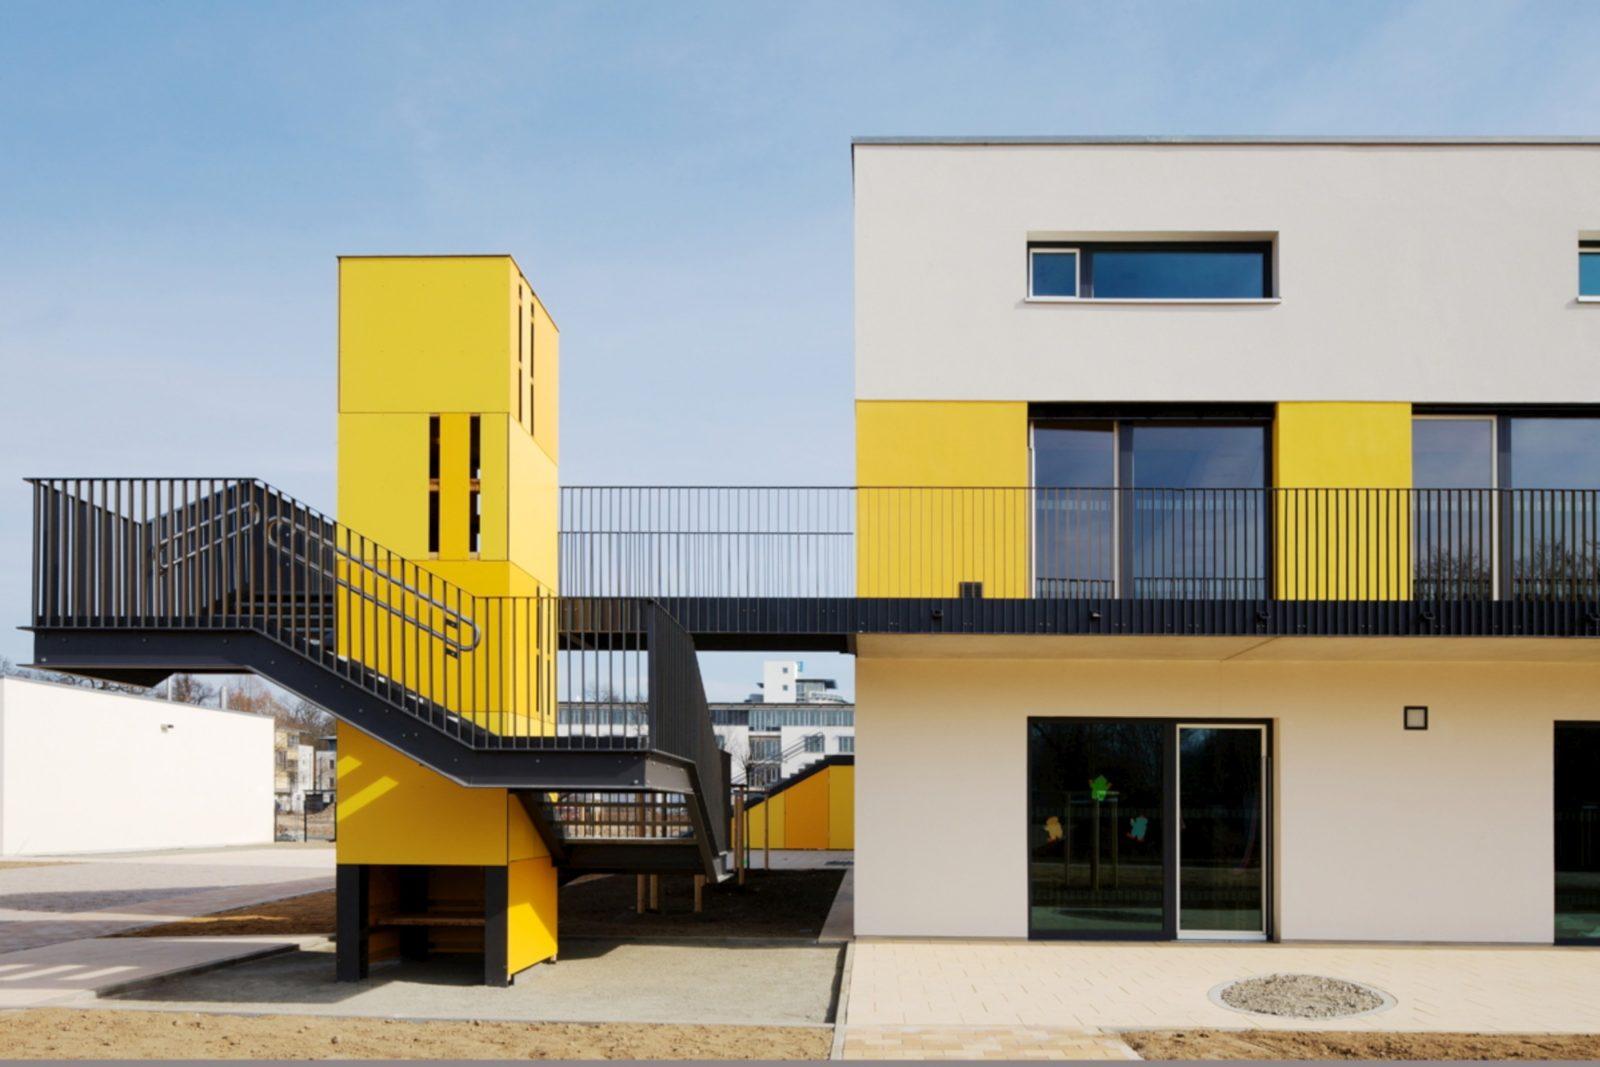 kita_Goyastrasse-Außentreppe